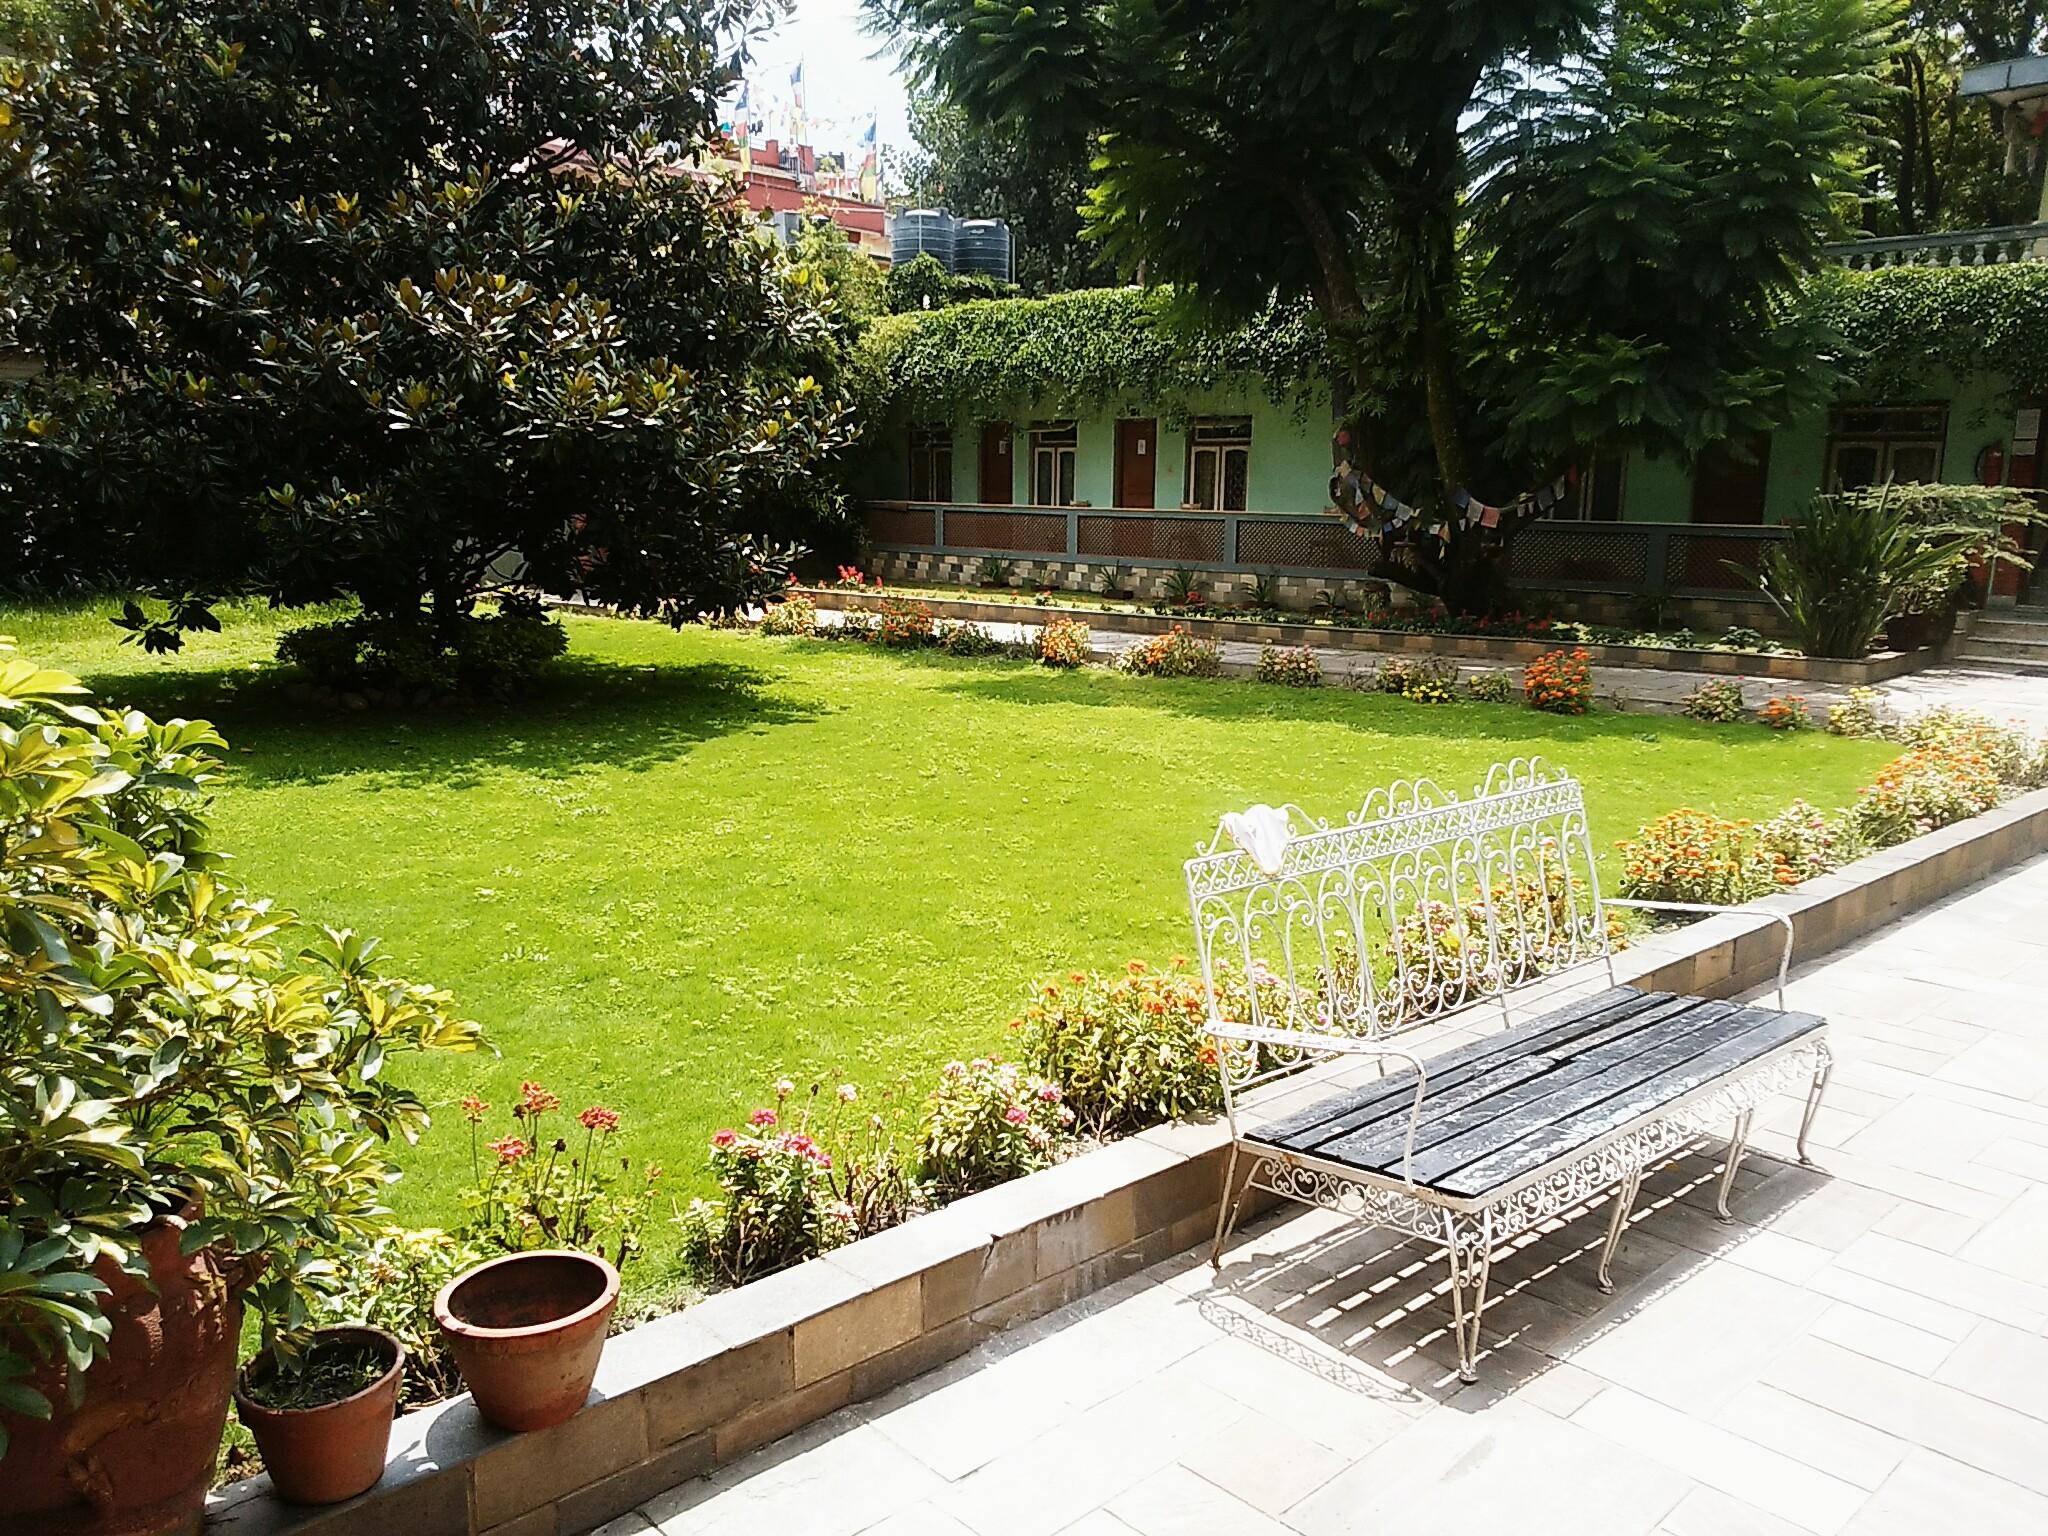 ネパールの聖地ボダナートの激安ゲストハウス!その場所とは?